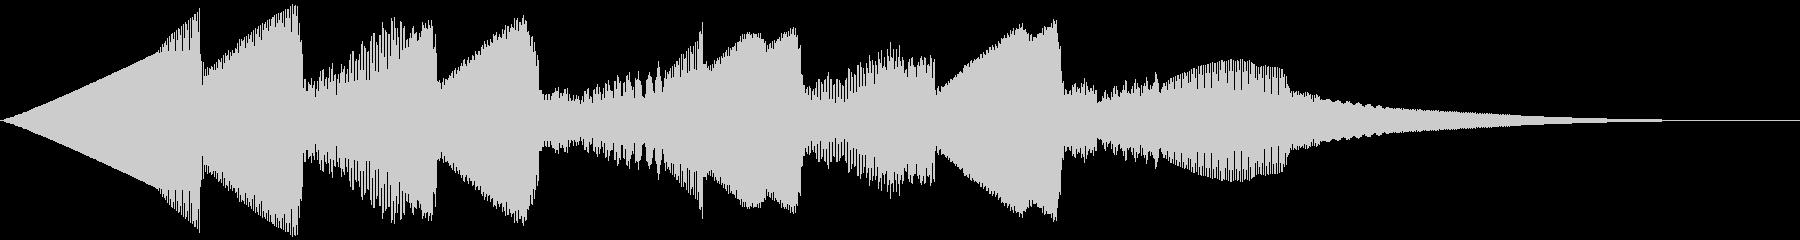 5秒CM用、ほのぼの家族verAの未再生の波形